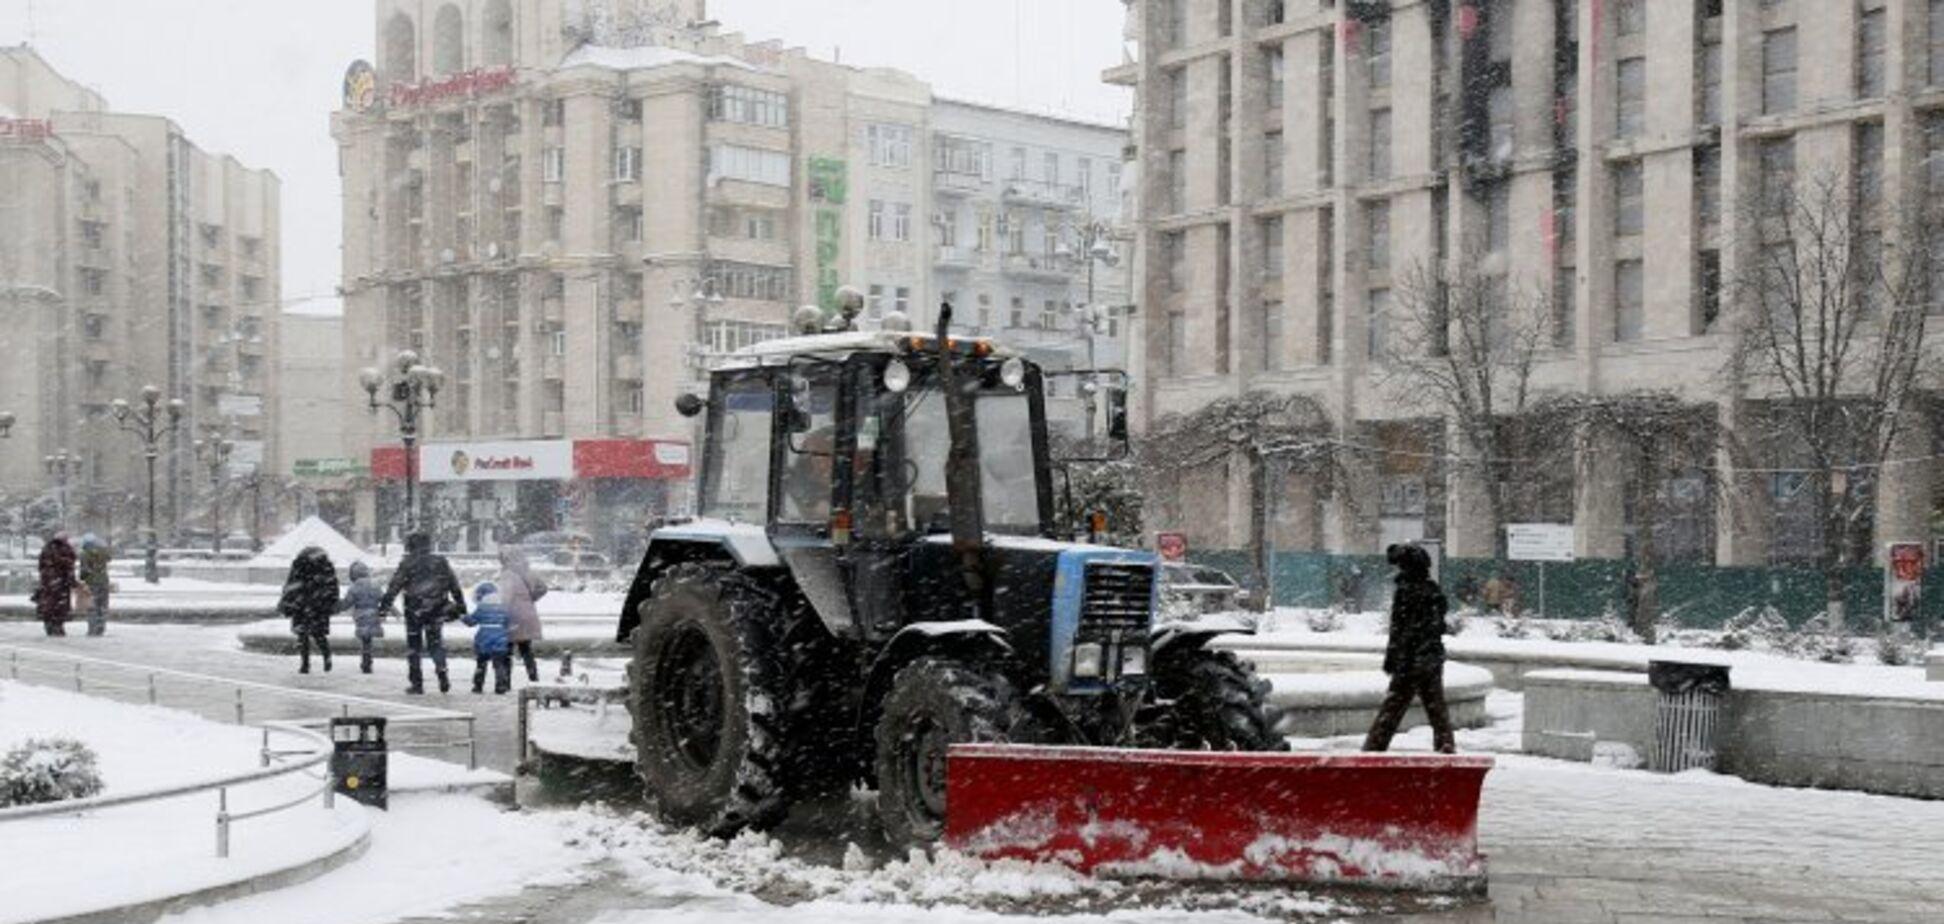 Большой снег пришел в Киев: что творится на дорогах